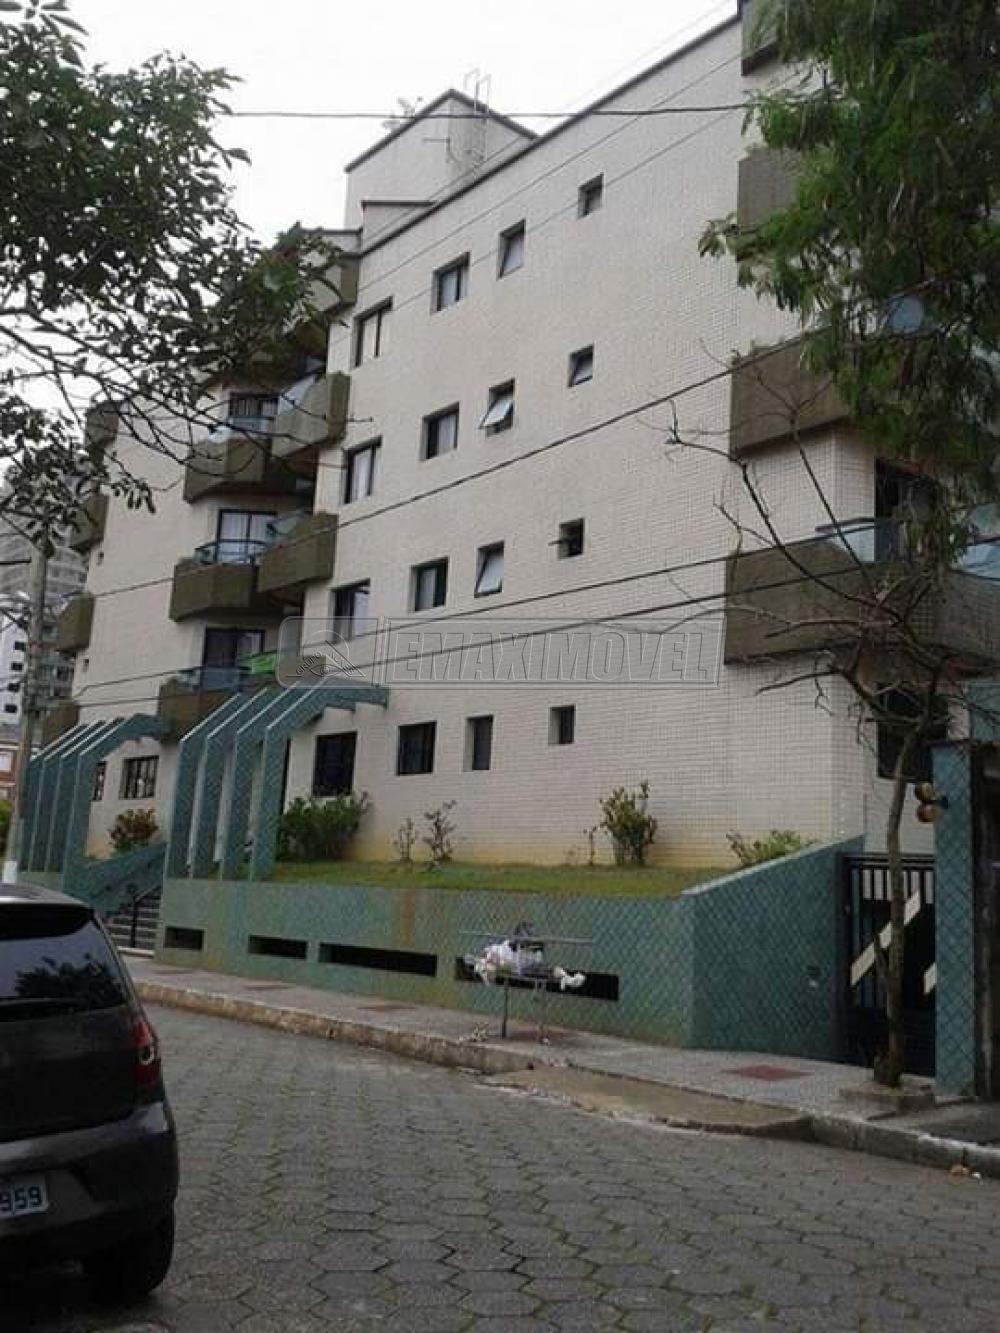 Comprar Apartamentos / Apto Padrão em Praia Grande apenas R$ 130.000,00 - Foto 2